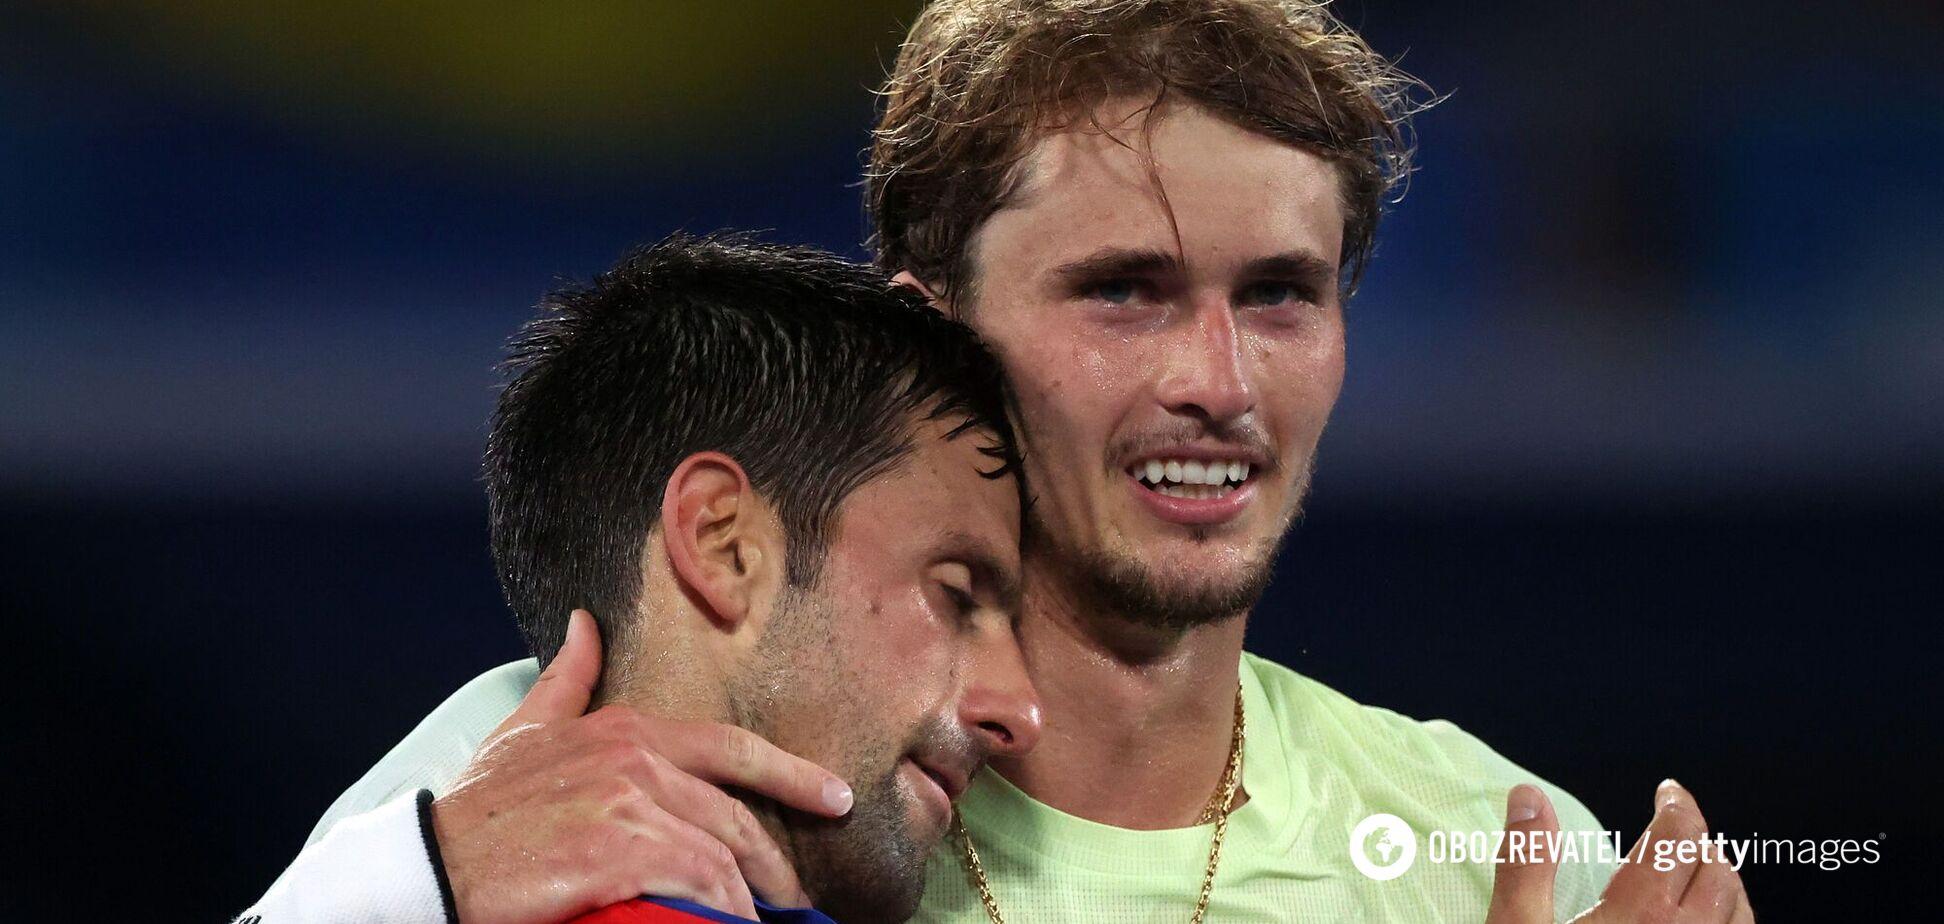 На теннисном турнире Олимпиады-2020 произошла грандиозная сенсация